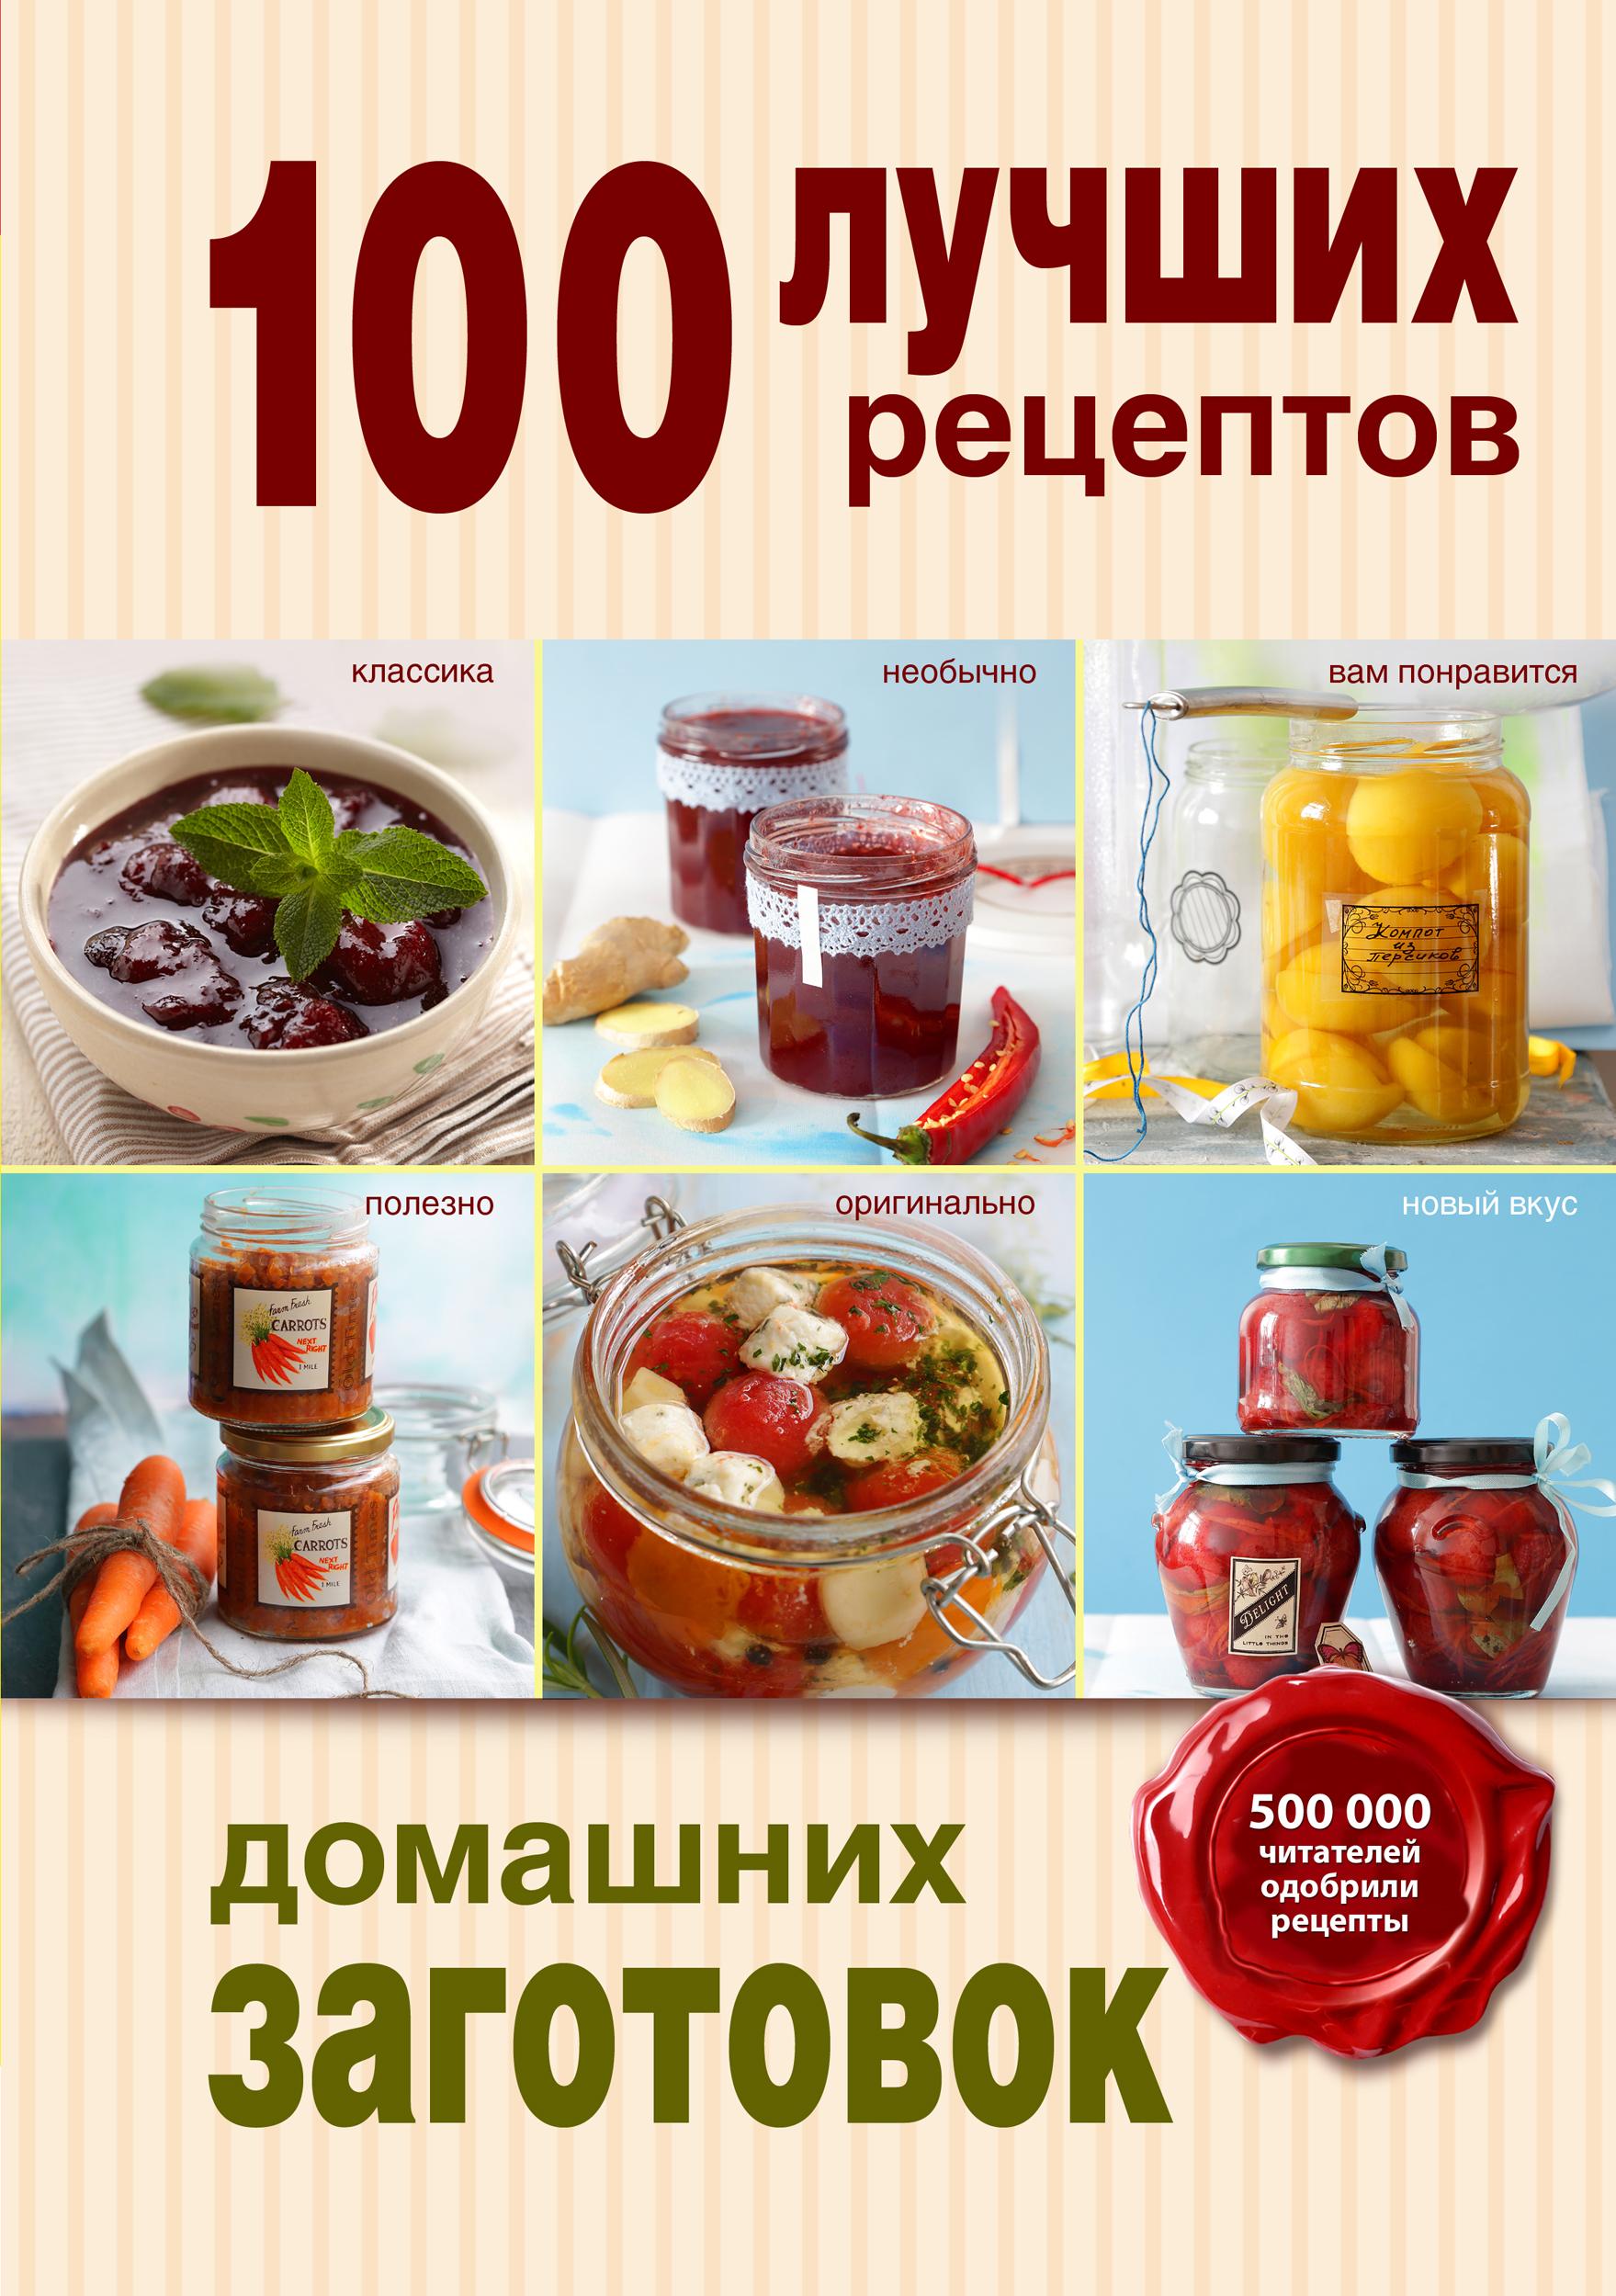 100 лучших рецептов домашних заготовок олег толстенко 100 фантастических рецептов из огурцов